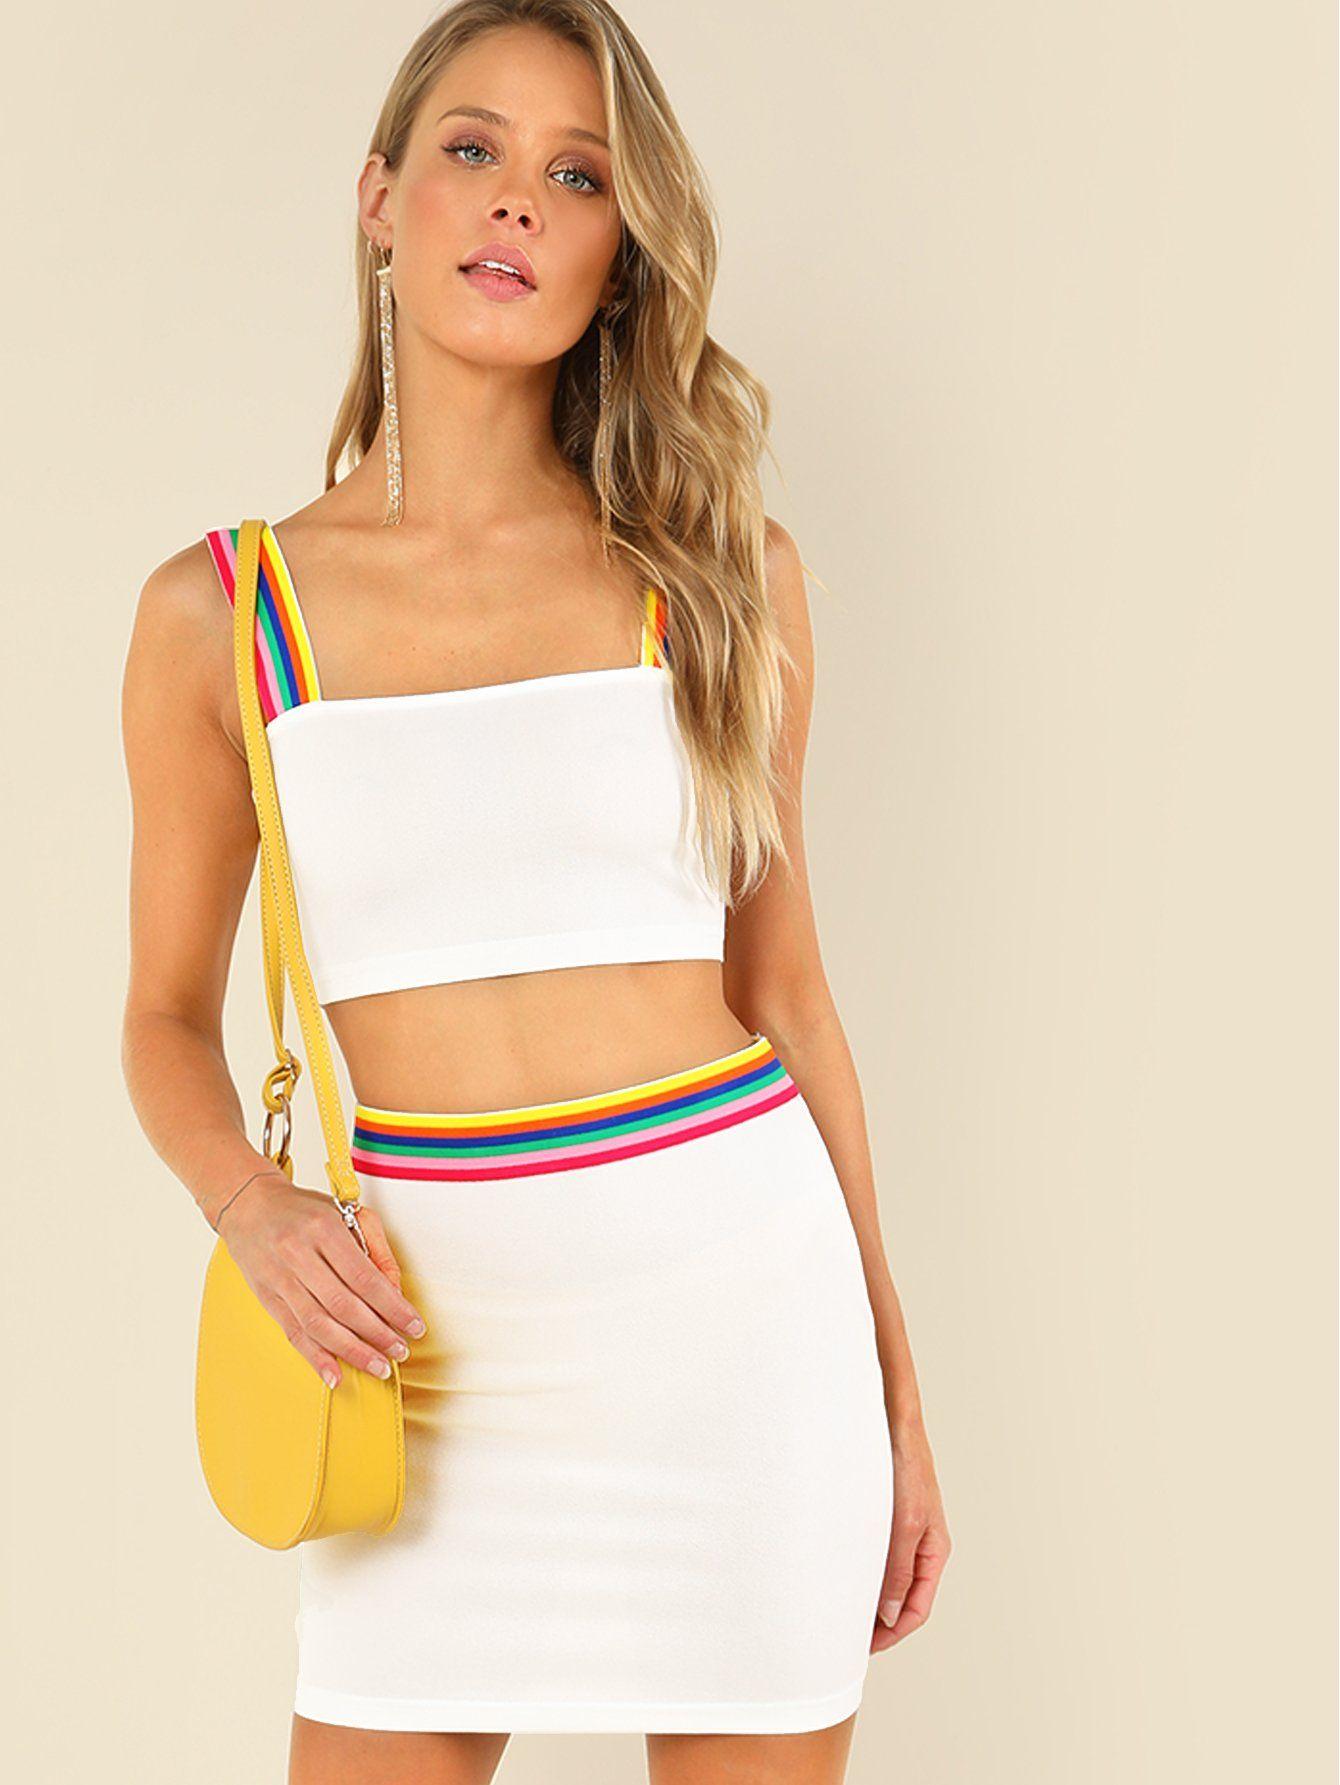 23646811cb Striped Tape Detail Crop Top & Skirt Set -SheIn(Sheinside)   Dress ...